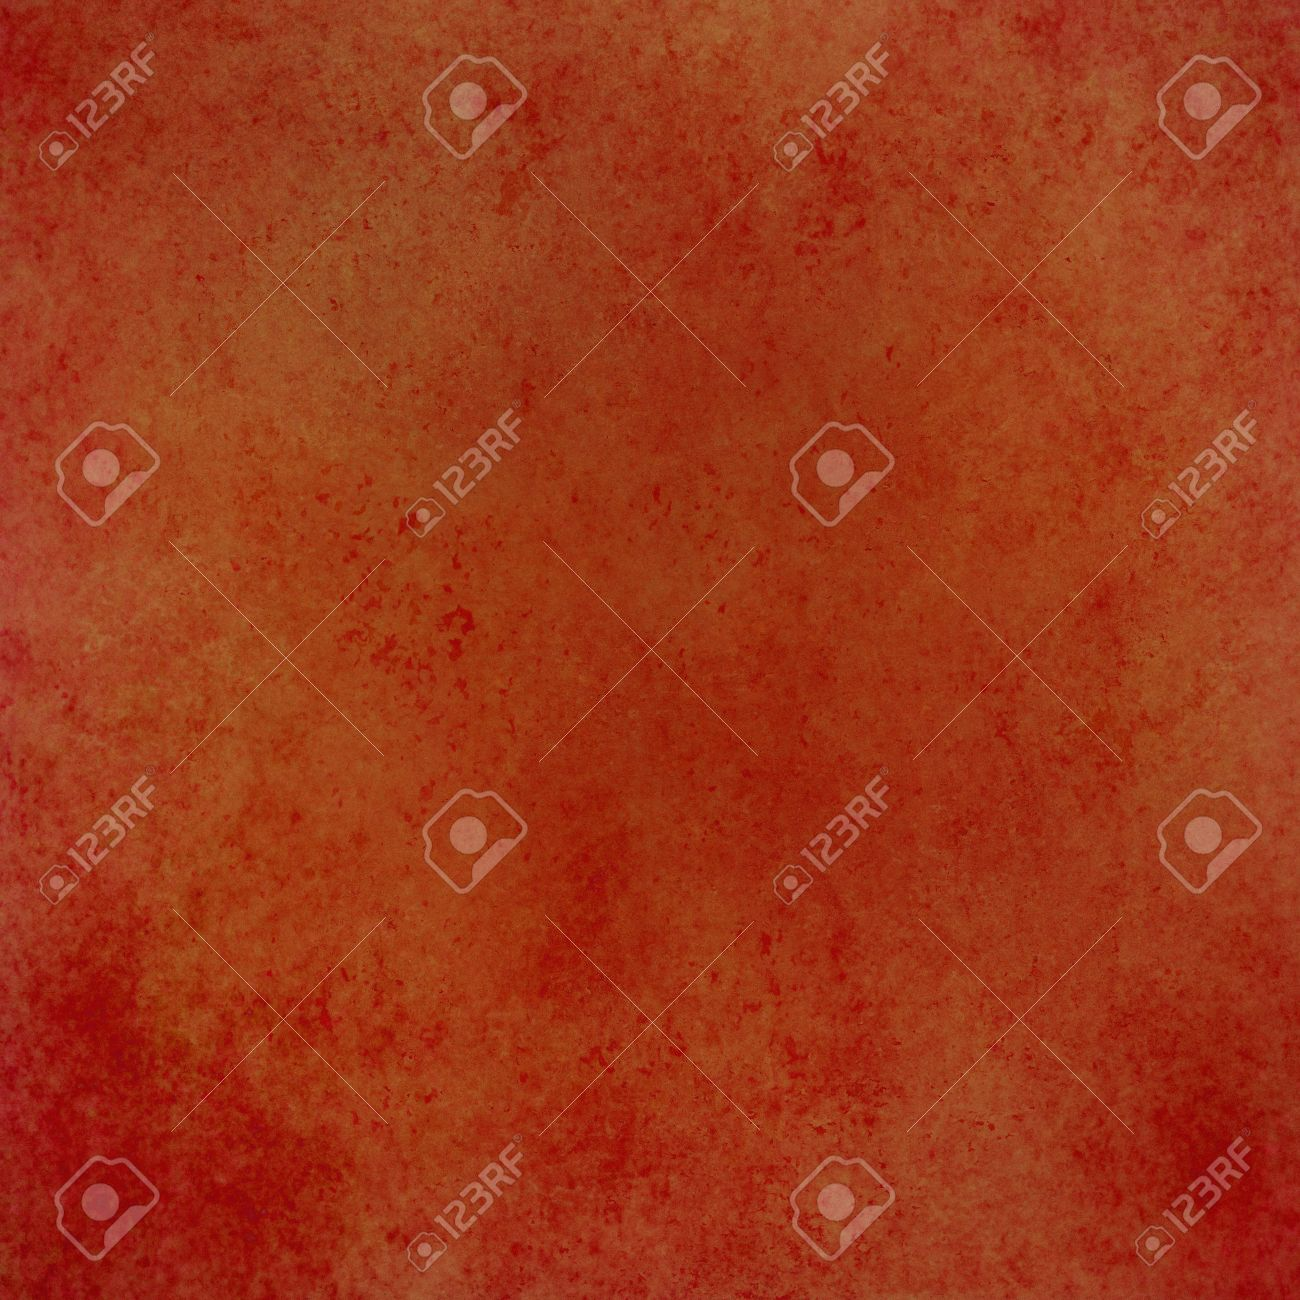 Couleurs Chaudes Fond Abstrait Orange De Frontière Rouge Avec Une éponge Texture Vintage Grunge De Fond Affligé Peinture Graisseux Rugueux Sur Le